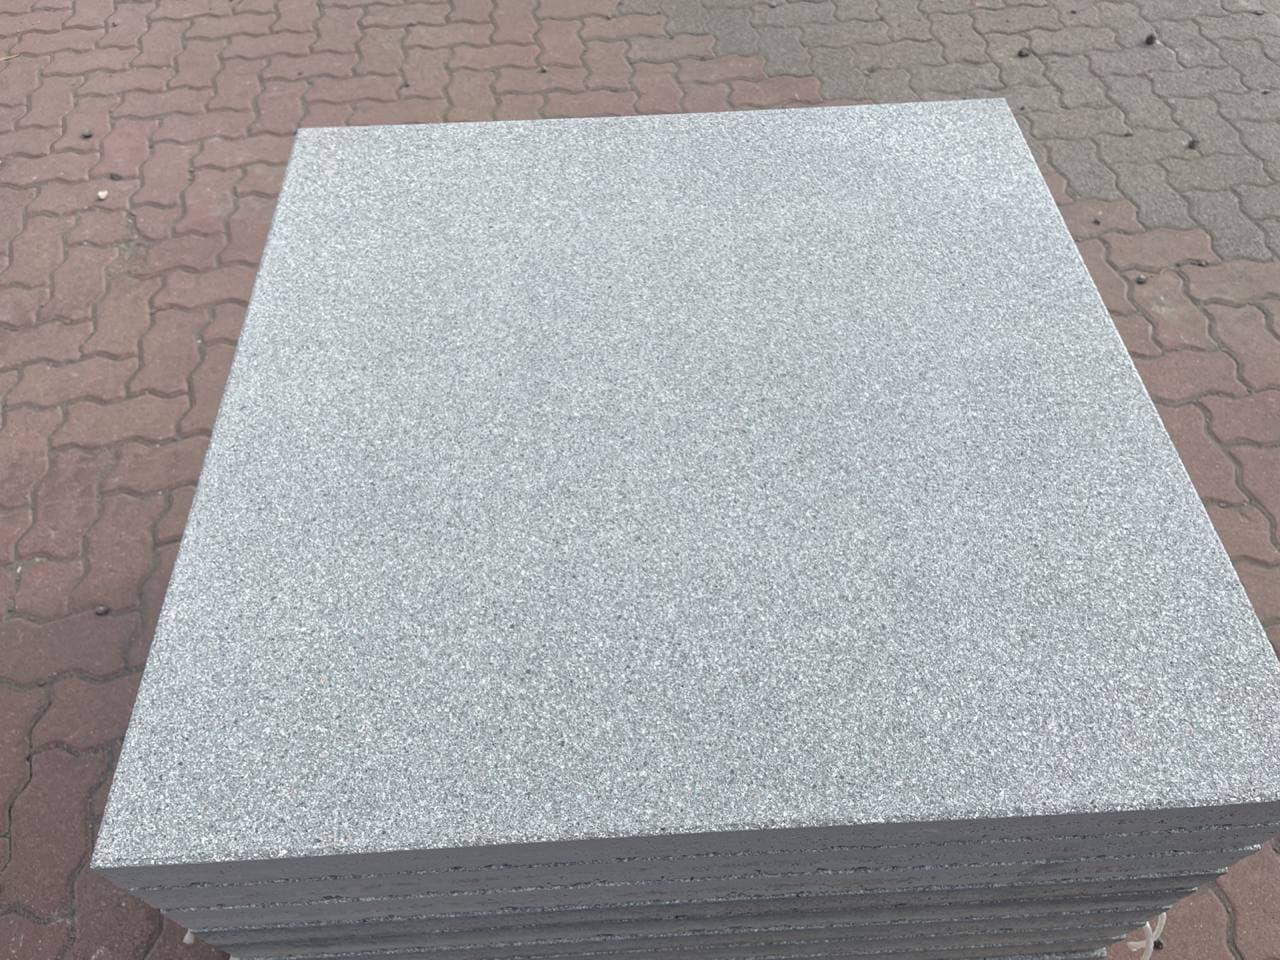 Zena Platten 80x80x5 cm Granitgrau geschliffen & kugelgestrahlt (2.Wahl)